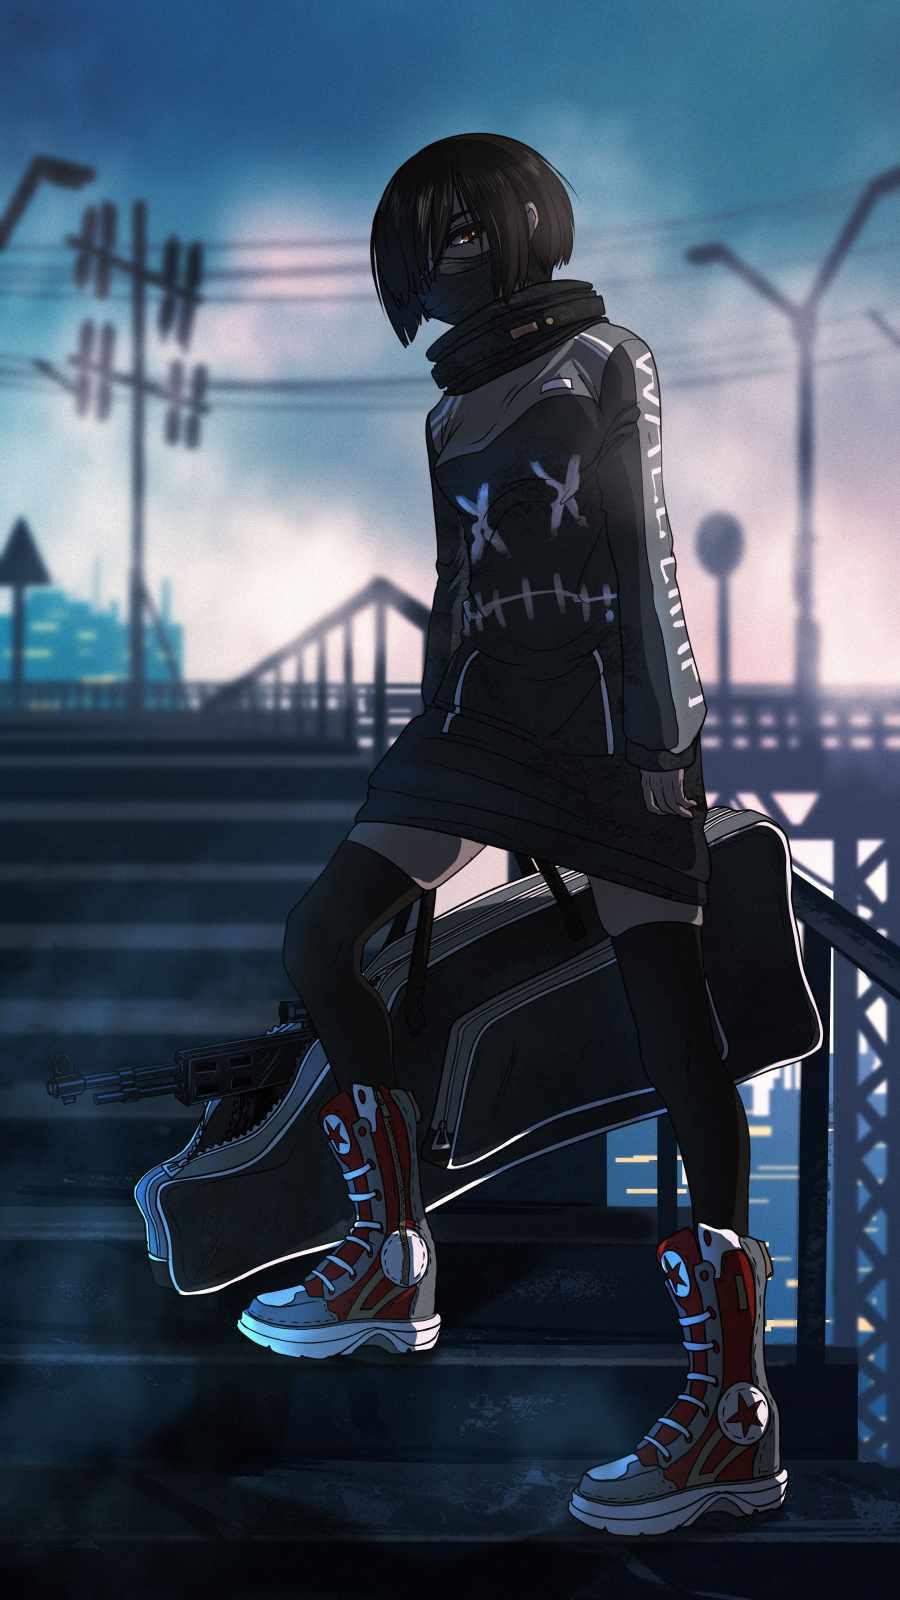 Anime Sniper Girl